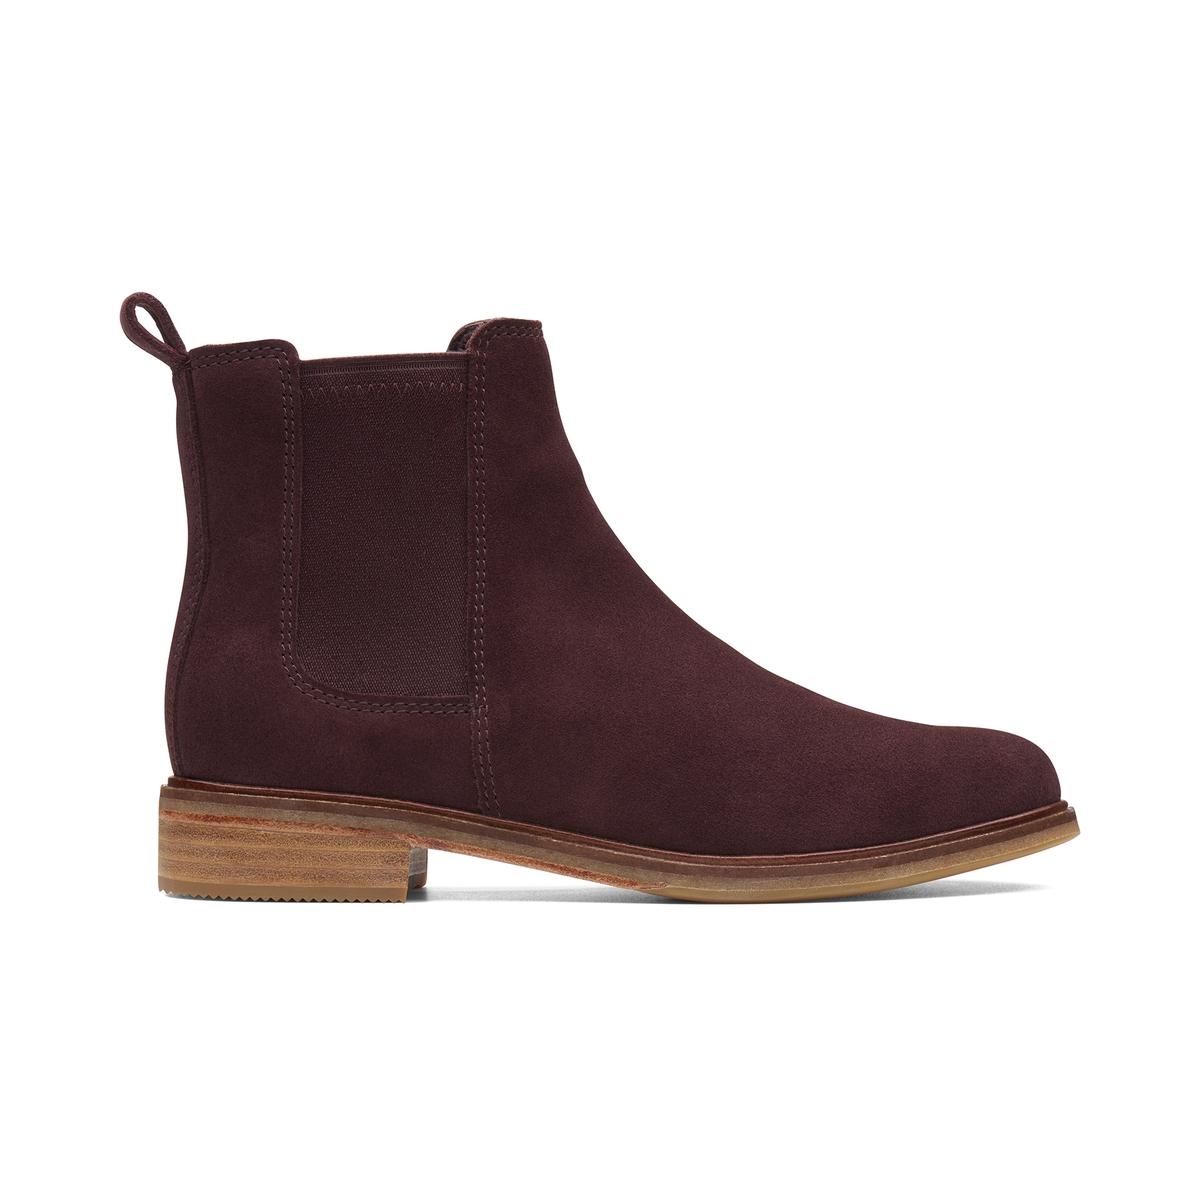 Ботинки-челси из замшевой кожи Clarkdale Arlo ботинки челси кожаные clarkdale gobi